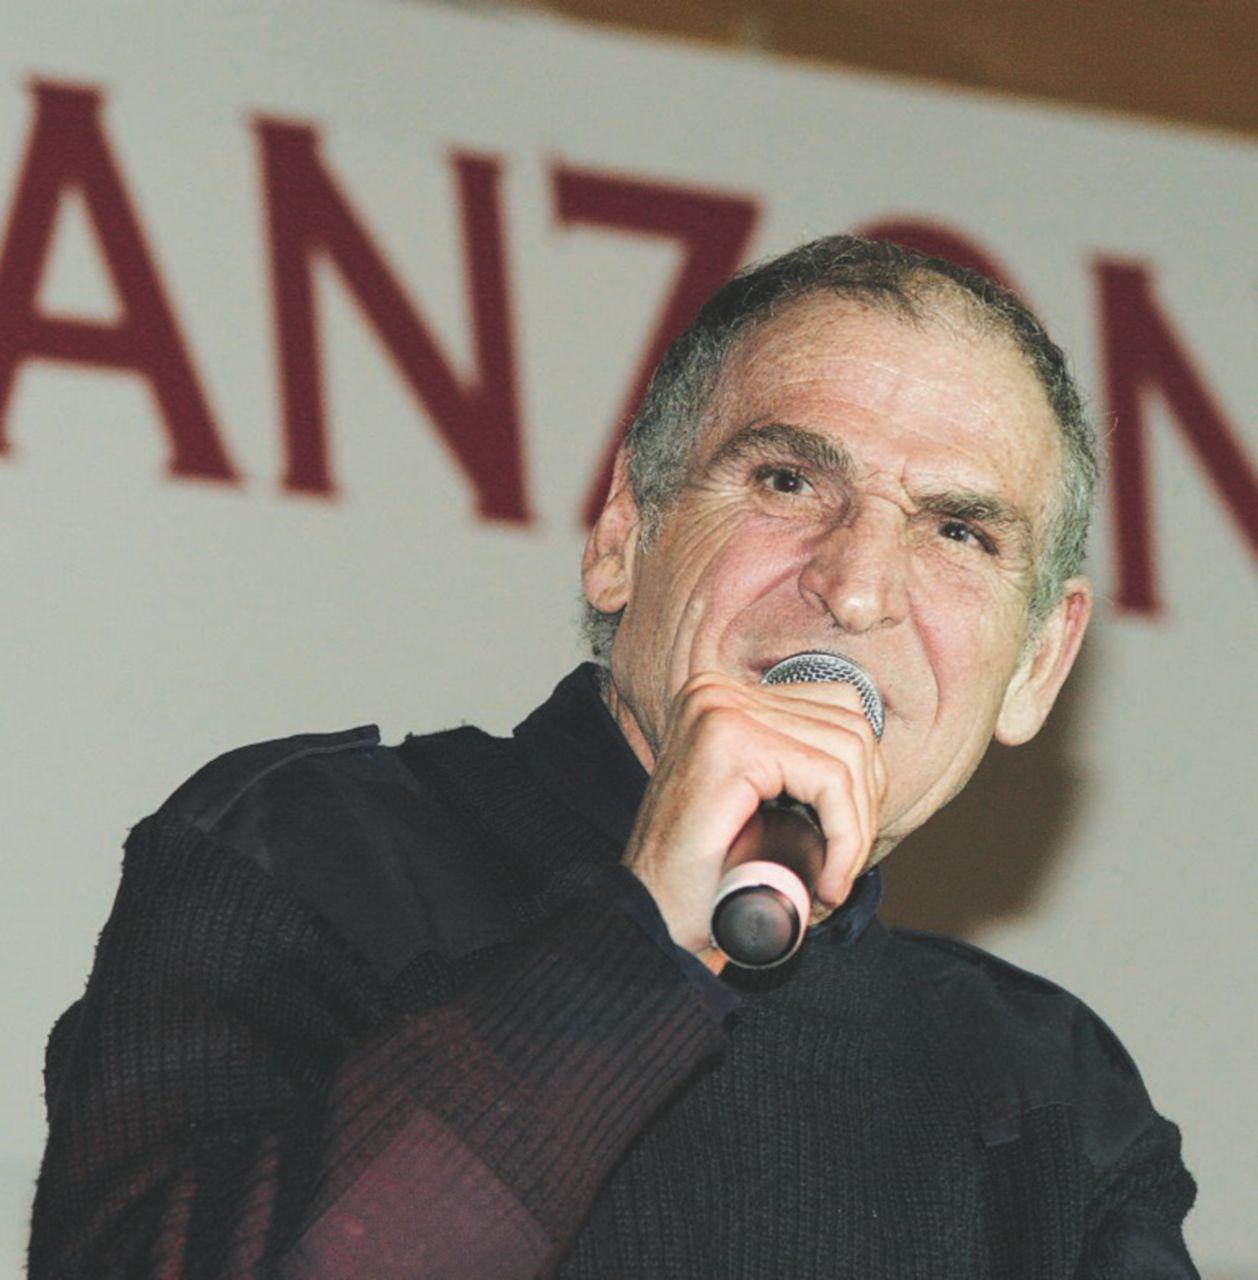 Addio a Gino Santercole: ci lascia uno dei ragazzi della via Gluck